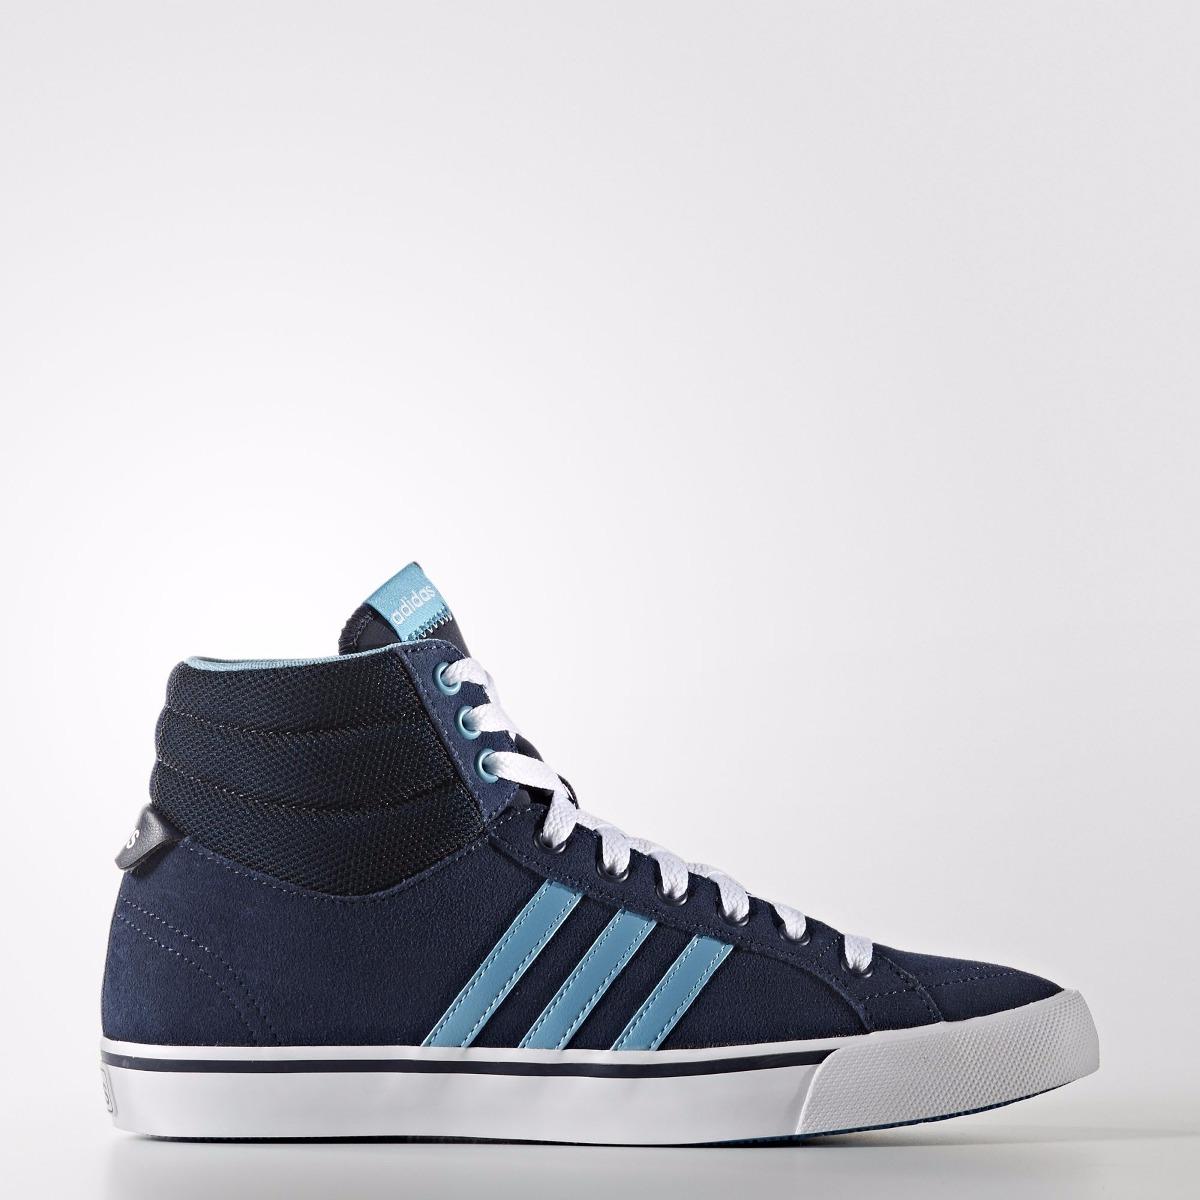 zapatillas botitas adidas neo park st mid w azul c celeste. Cargando zoom. 571693b0c99ef